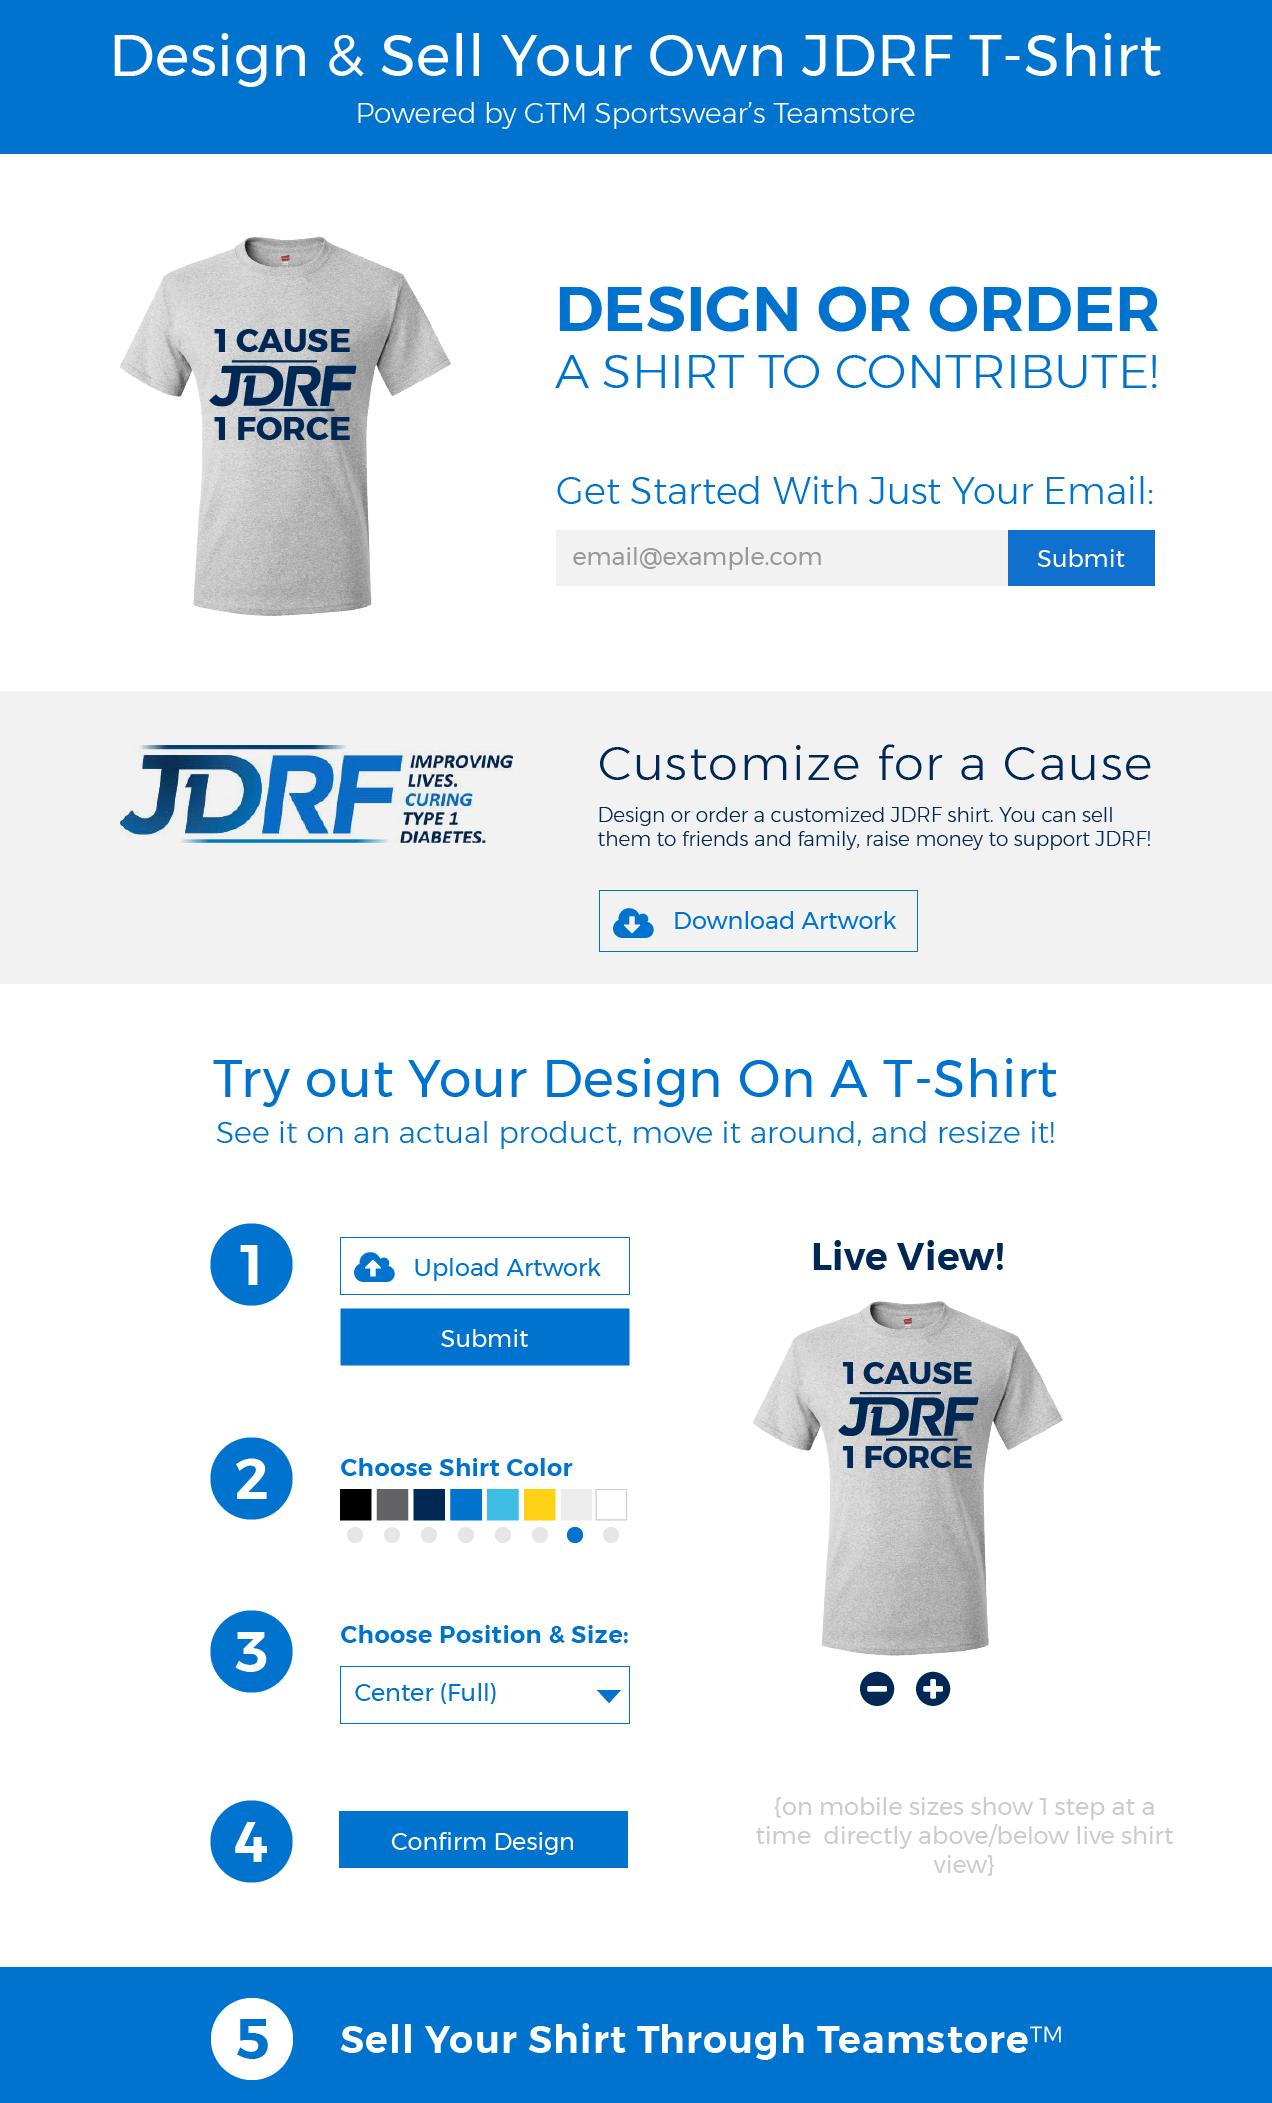 JDRF Fundaraising Platform